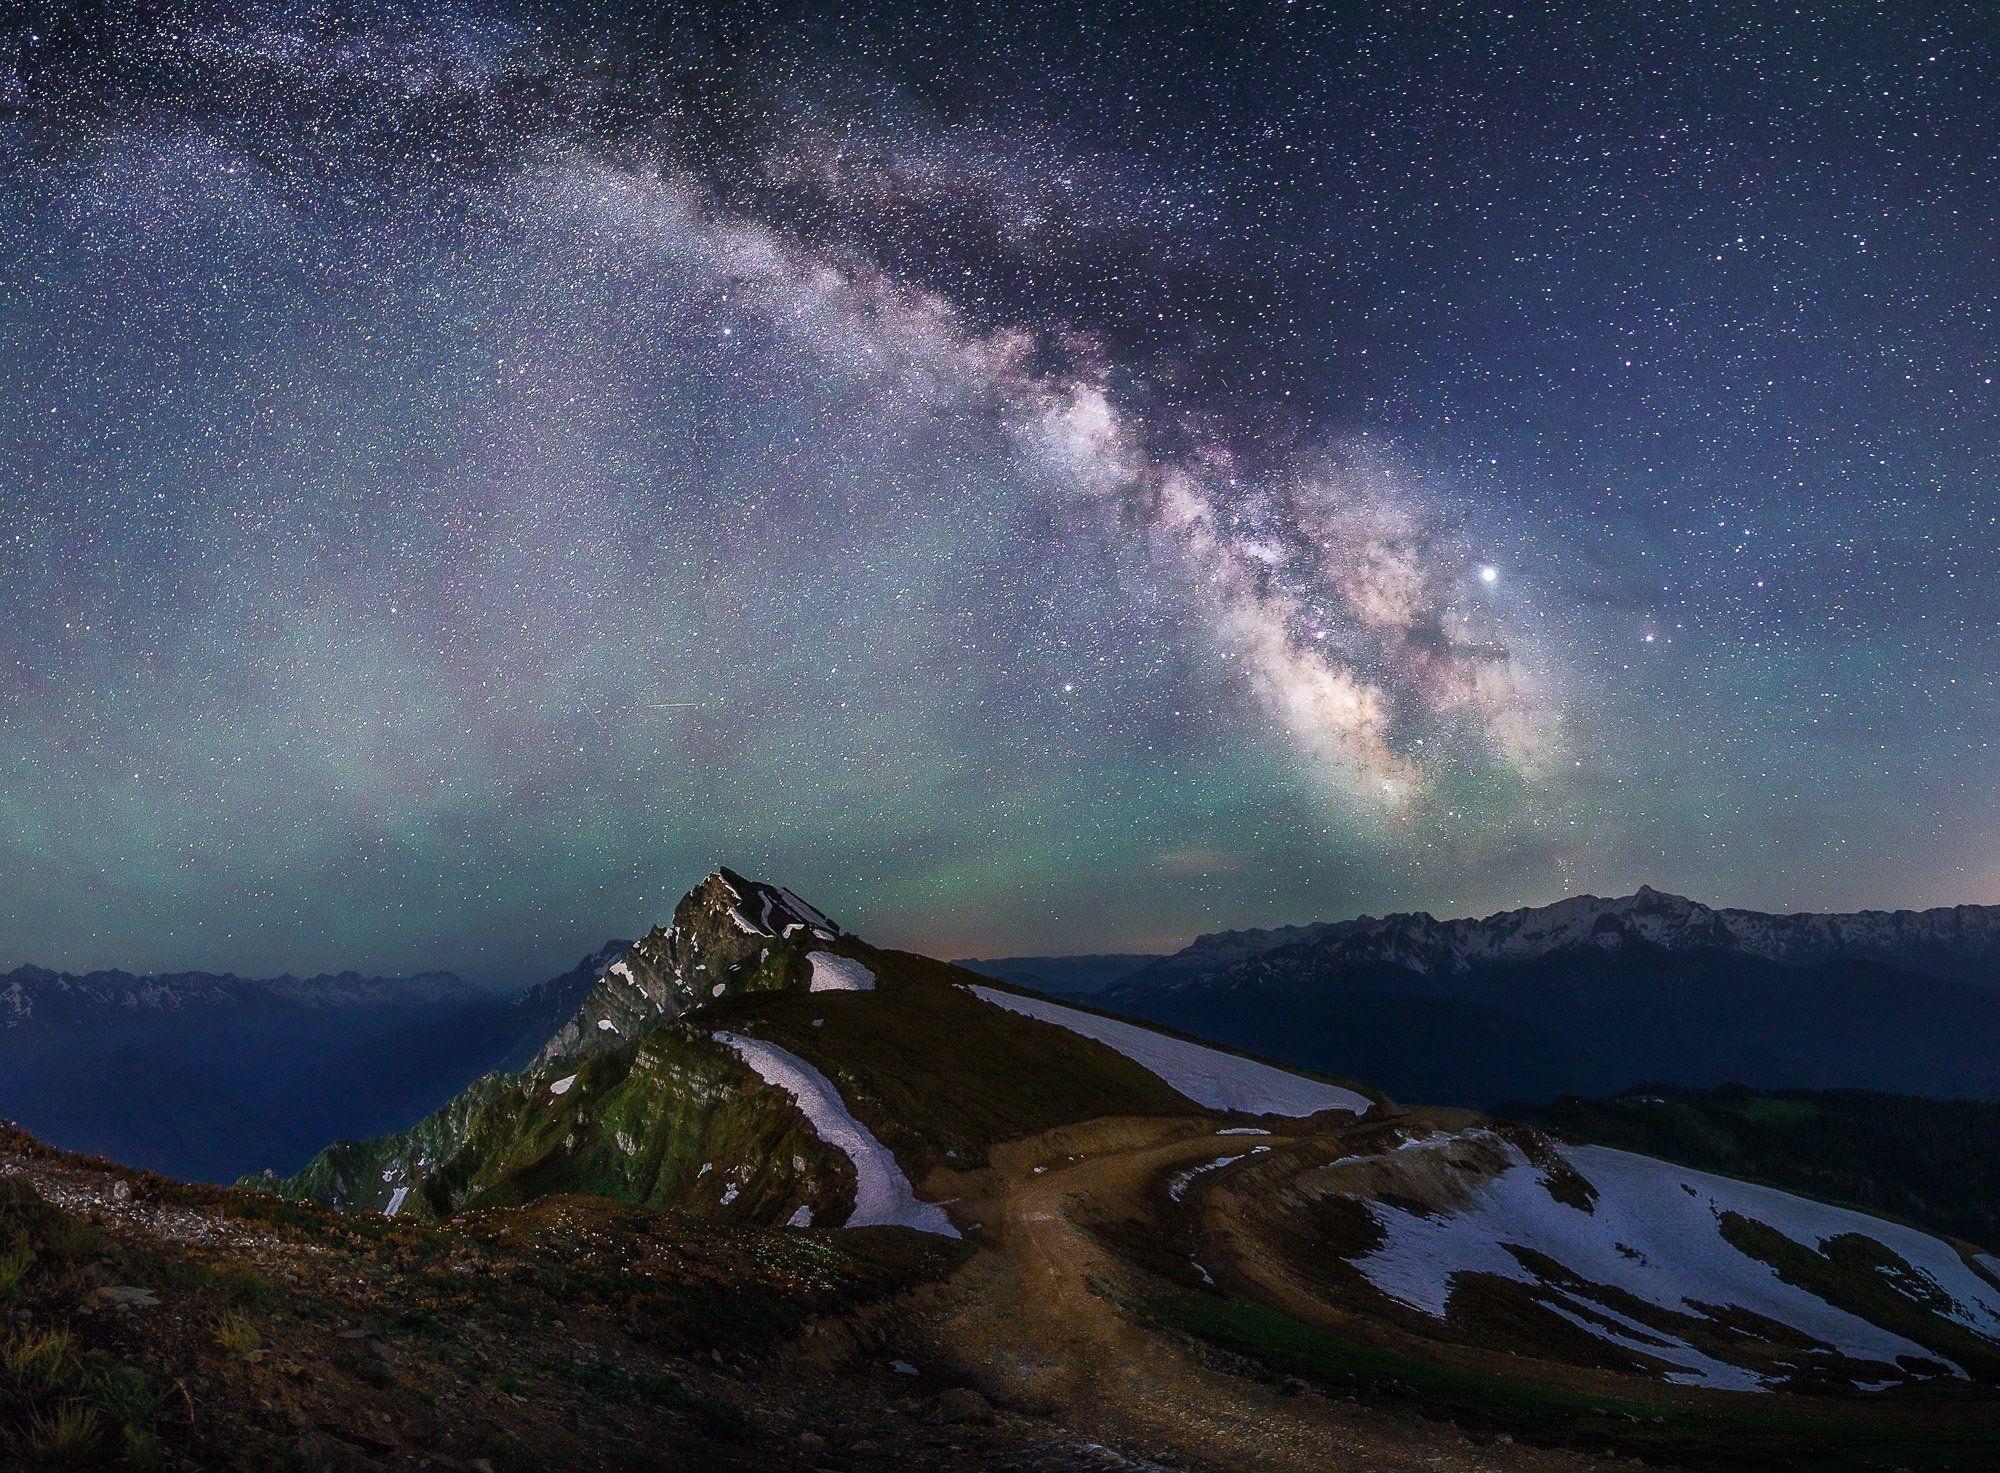 сочи, красная поляна, роза хутор, ночь, звезды, млечный путь, ночное небо, лето, природа, пейзаж, горы, кавказ, Сергей